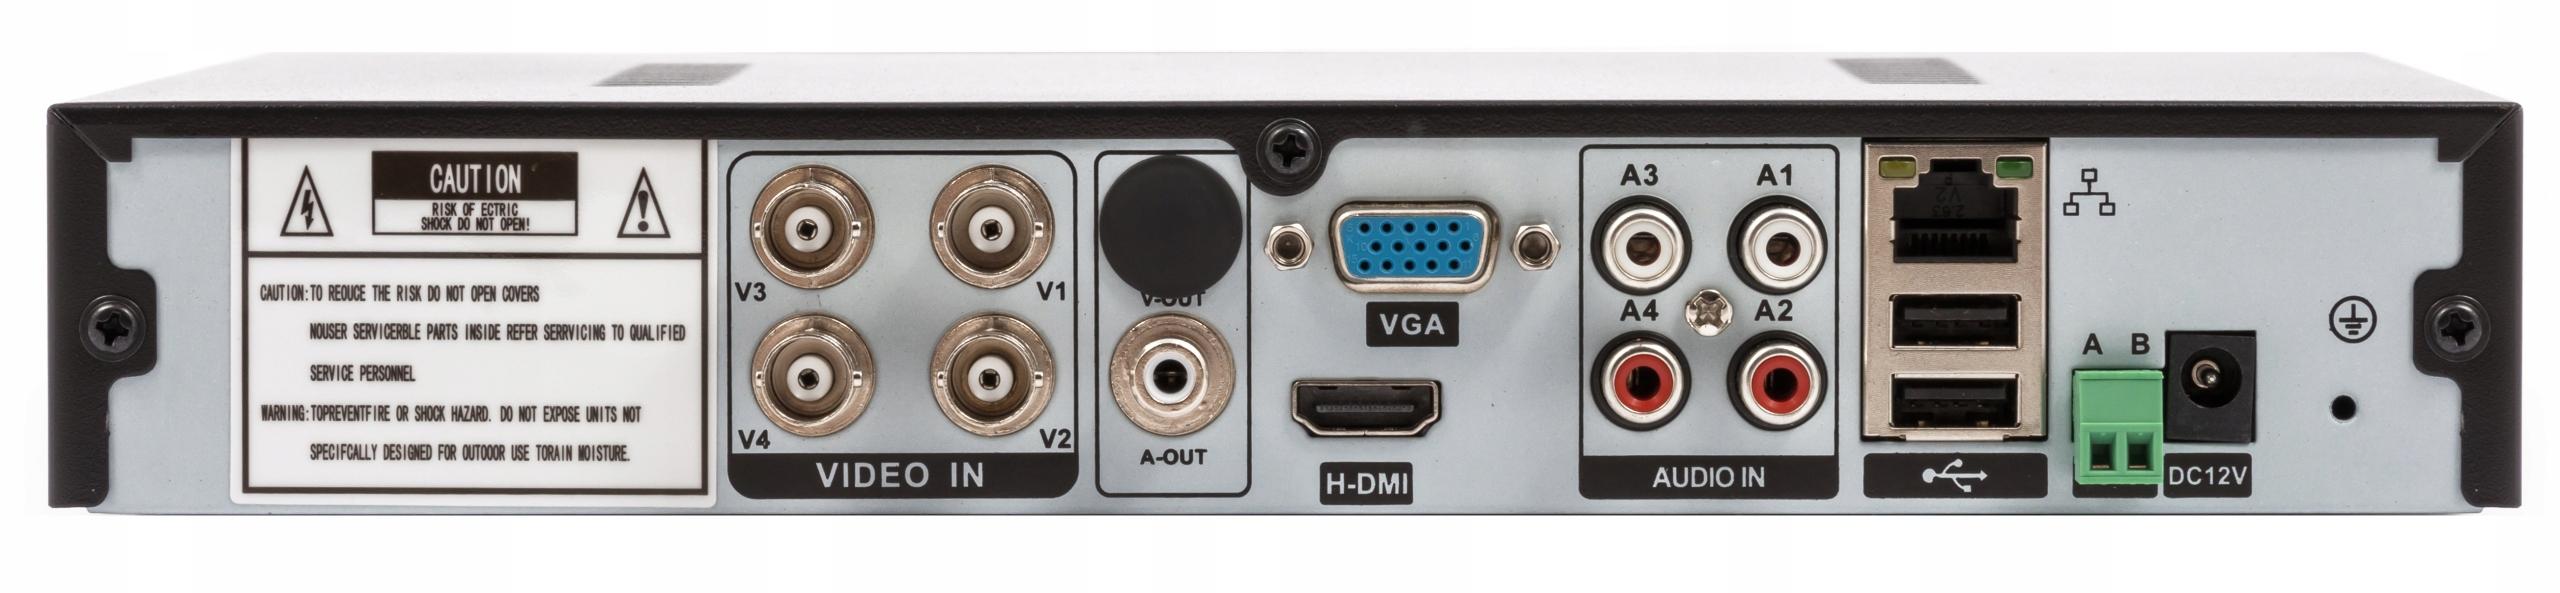 ZESTAW MONITORING REJESTRATOR 4 KAMERY HD Model HWD-6108MH-G2